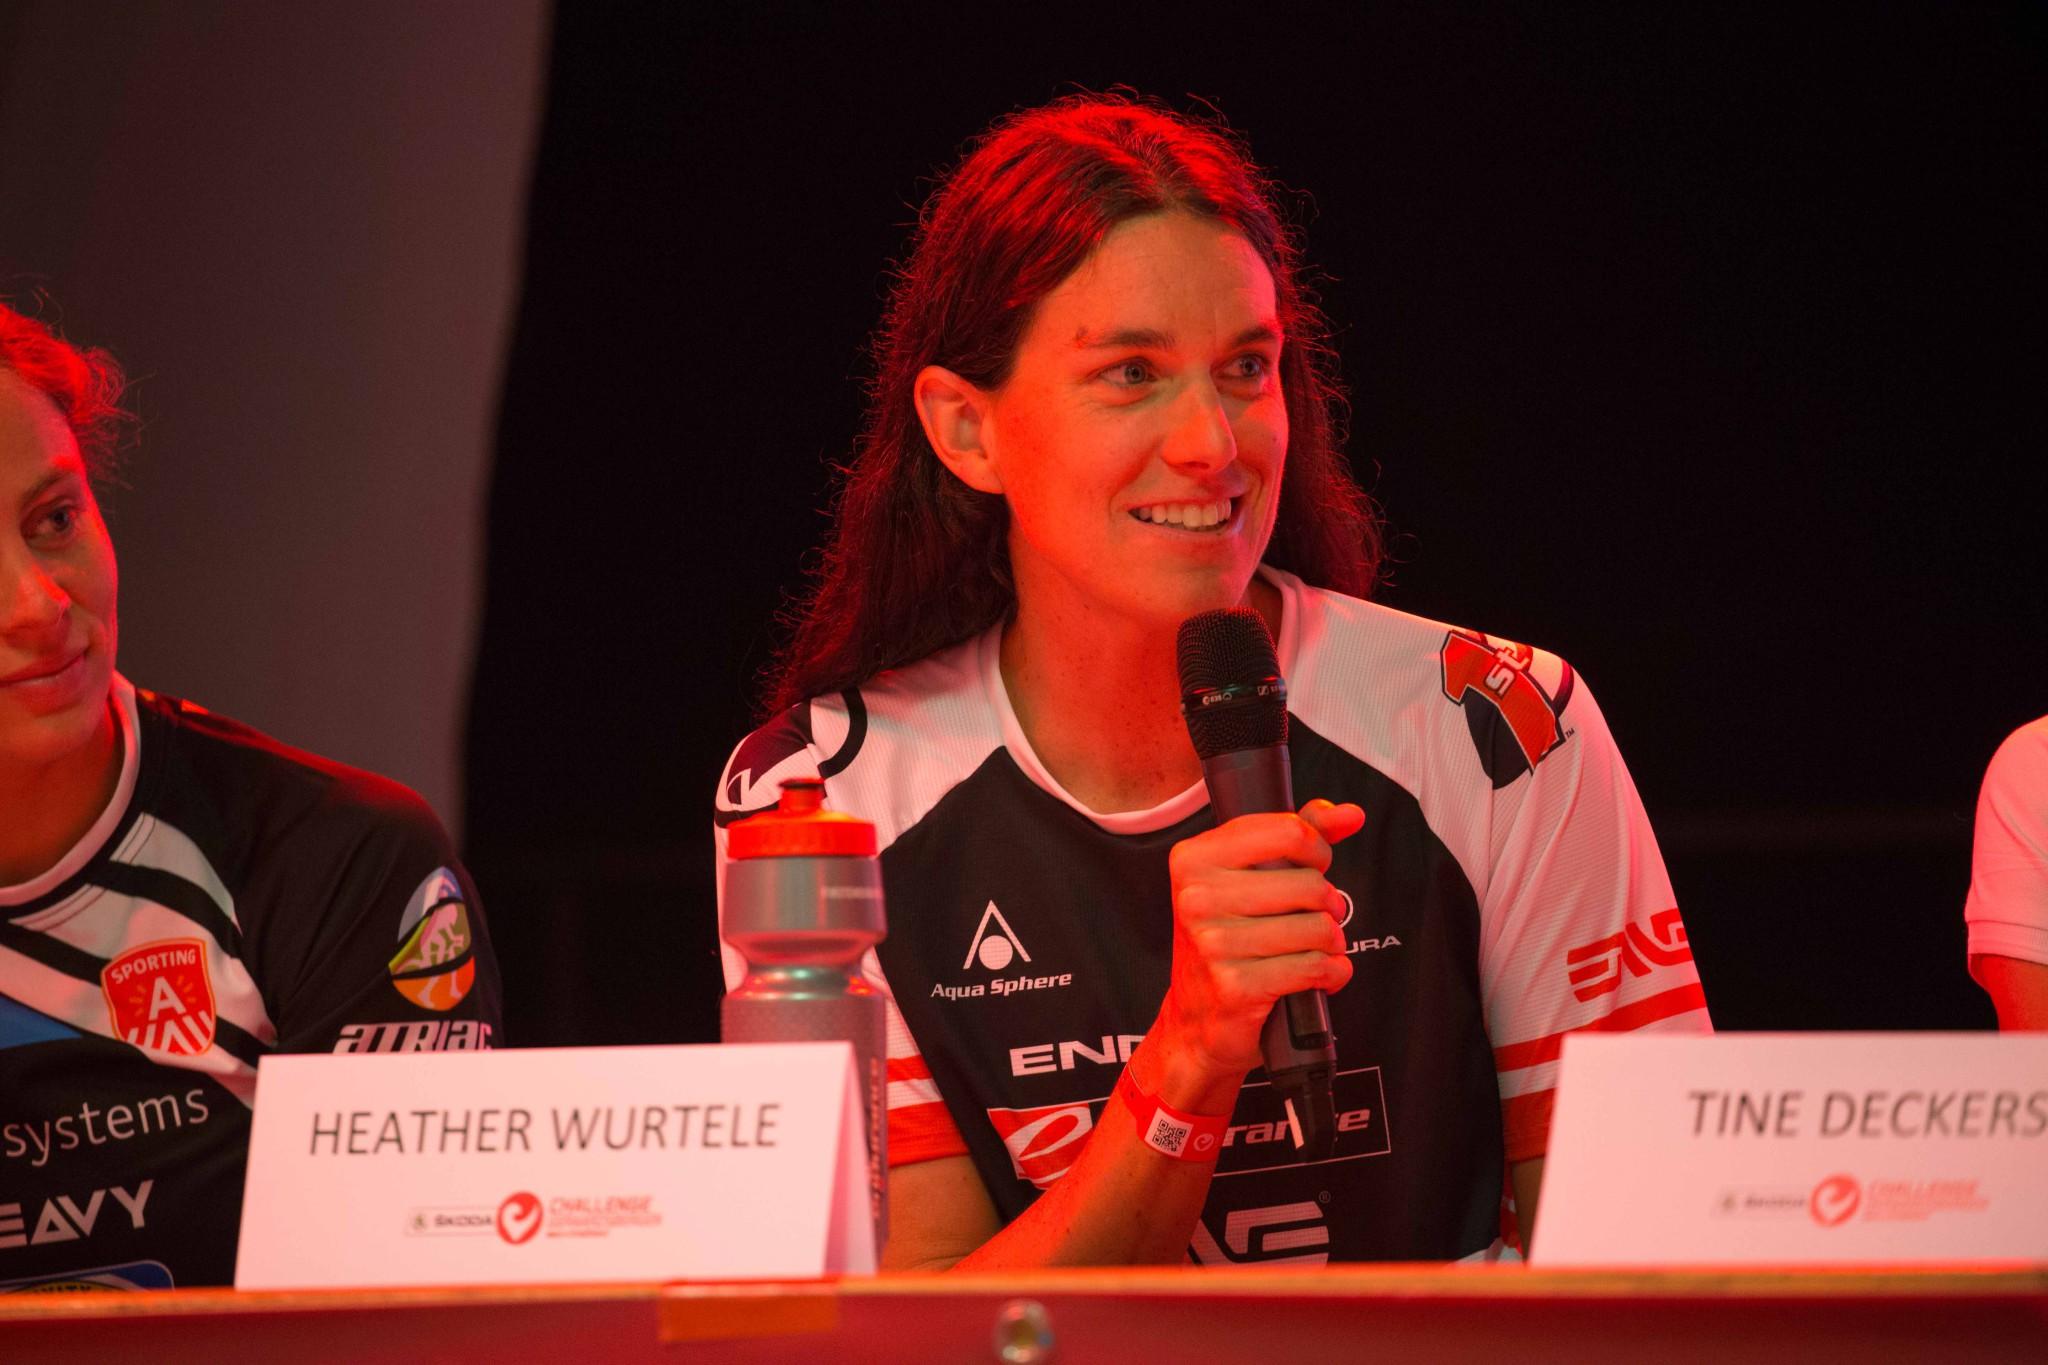 Heather Wurtele Katrien Verstuyft press c Gbergen